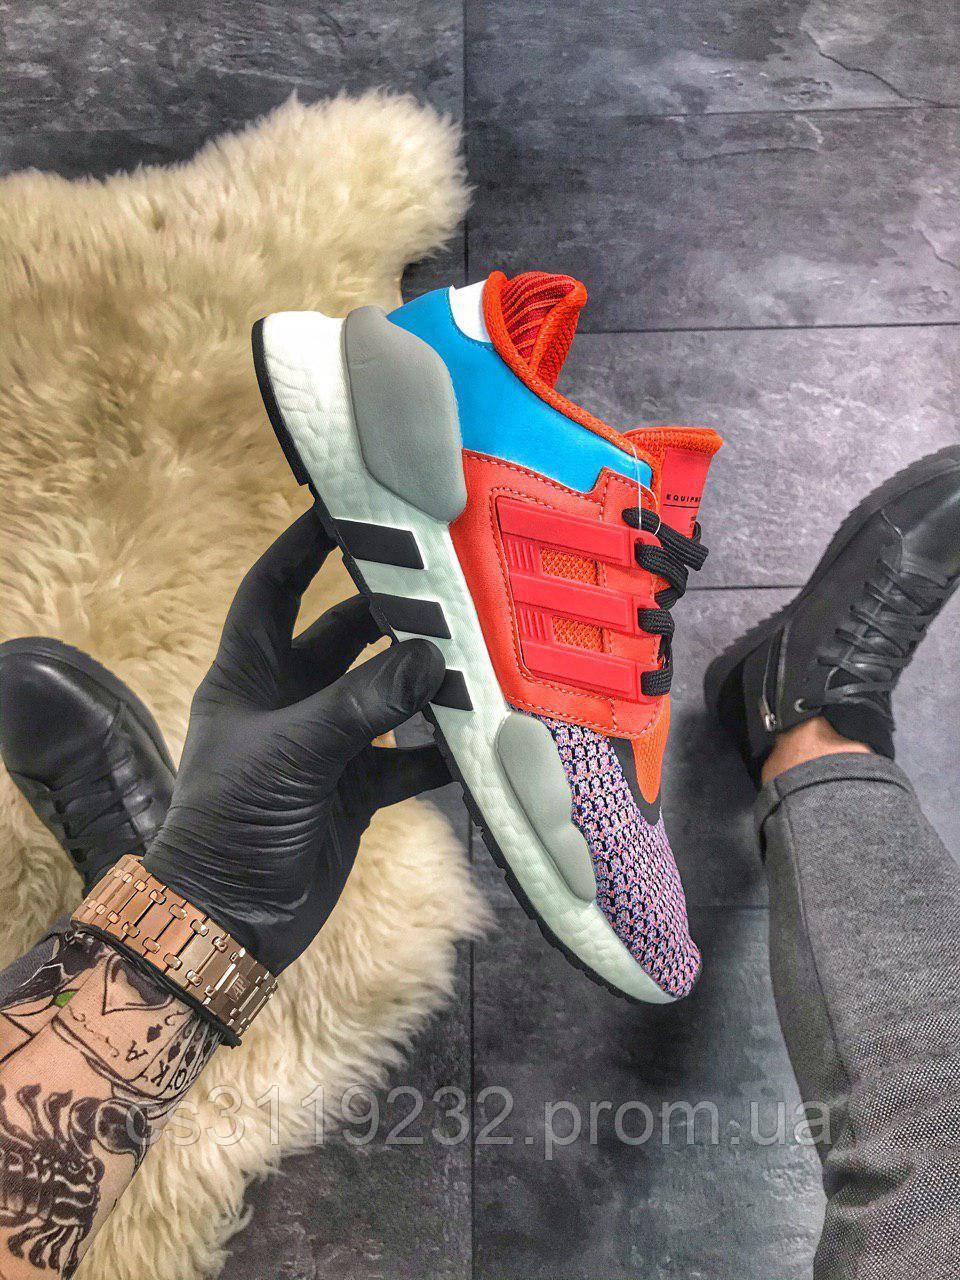 Мужские кроссовки Adidas EQT 91/18 Red Violet Blue